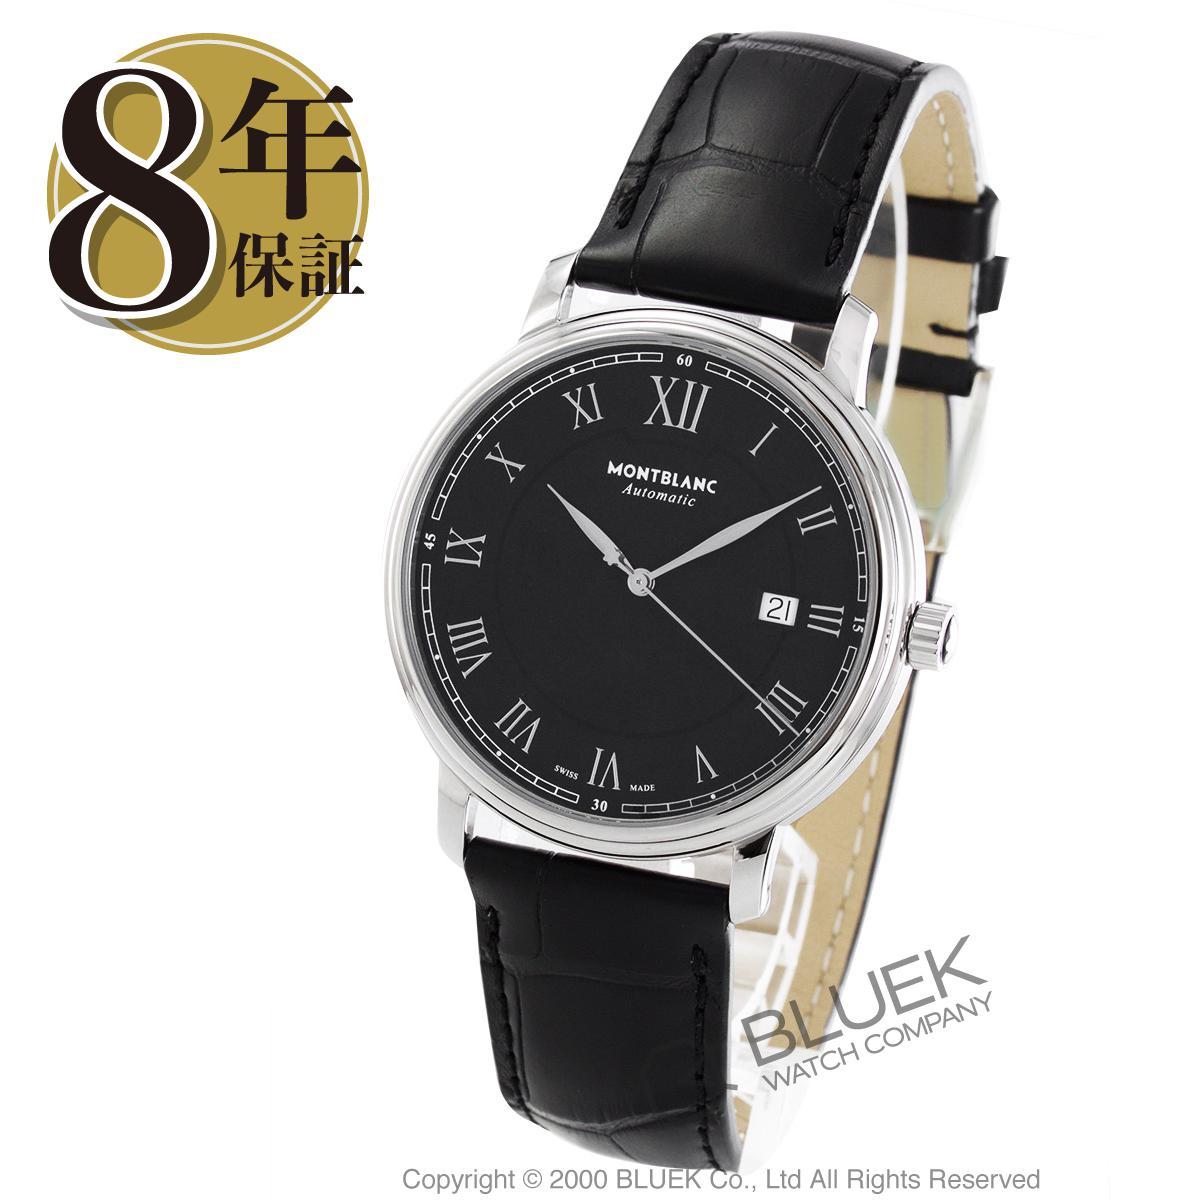 モンブラン トラディション アリゲーターレザー 腕時計 メンズ MONTBLANC 116482_8